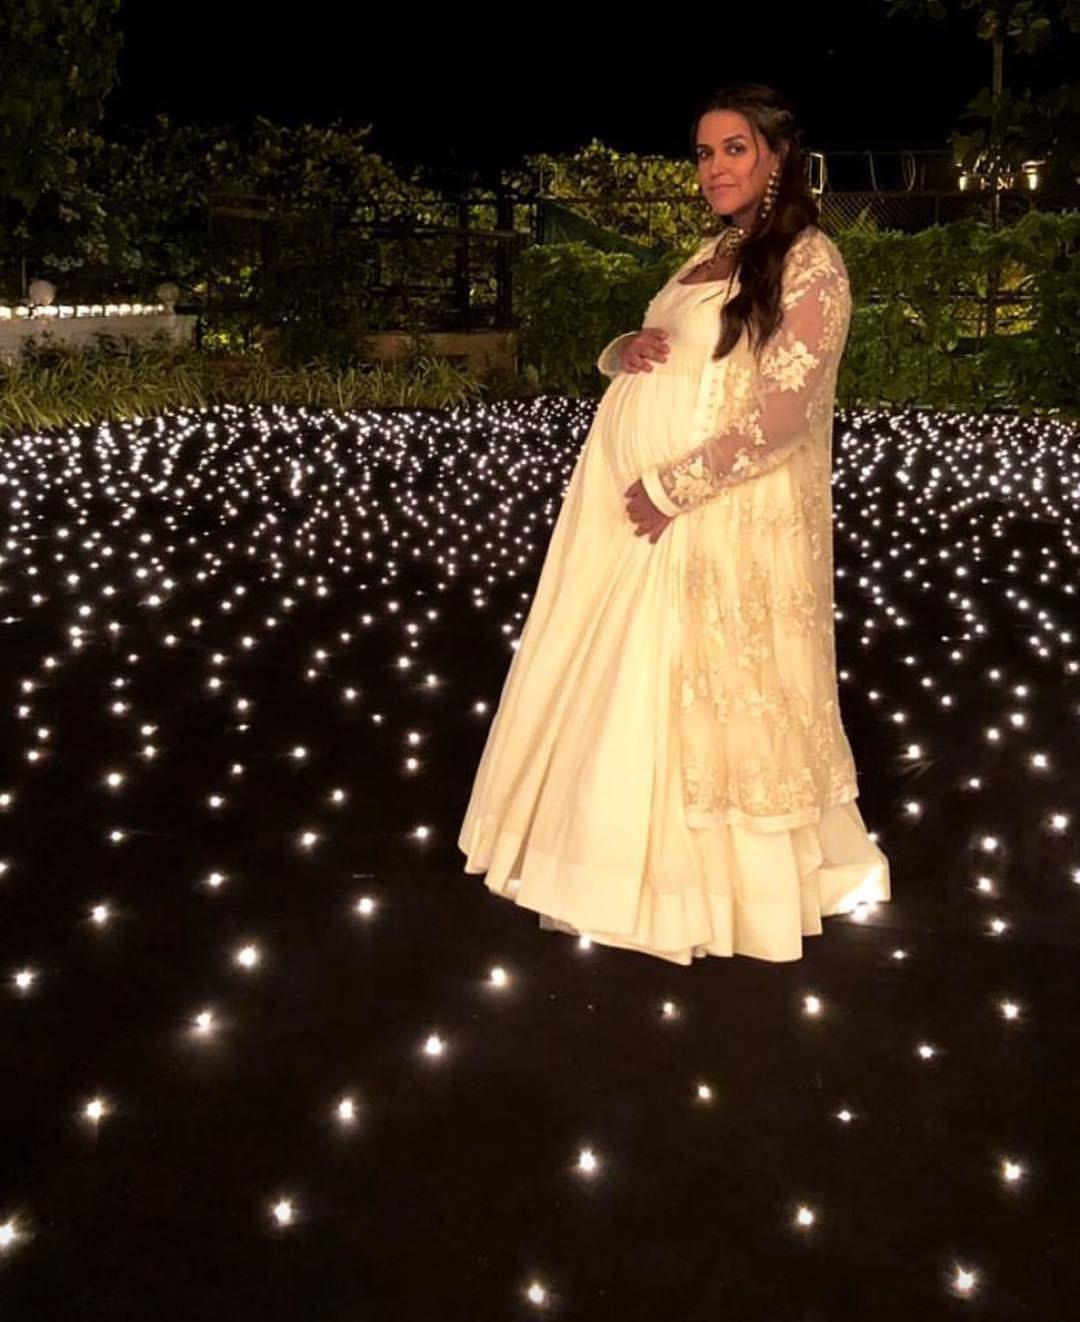 جلد ماں بننے والی اداکارہ نیہا ڈوپیا نے شاہ رخ خان کے گھر میں فوٹو شوٹ کروایا —فوٹو/ انسٹاگرام